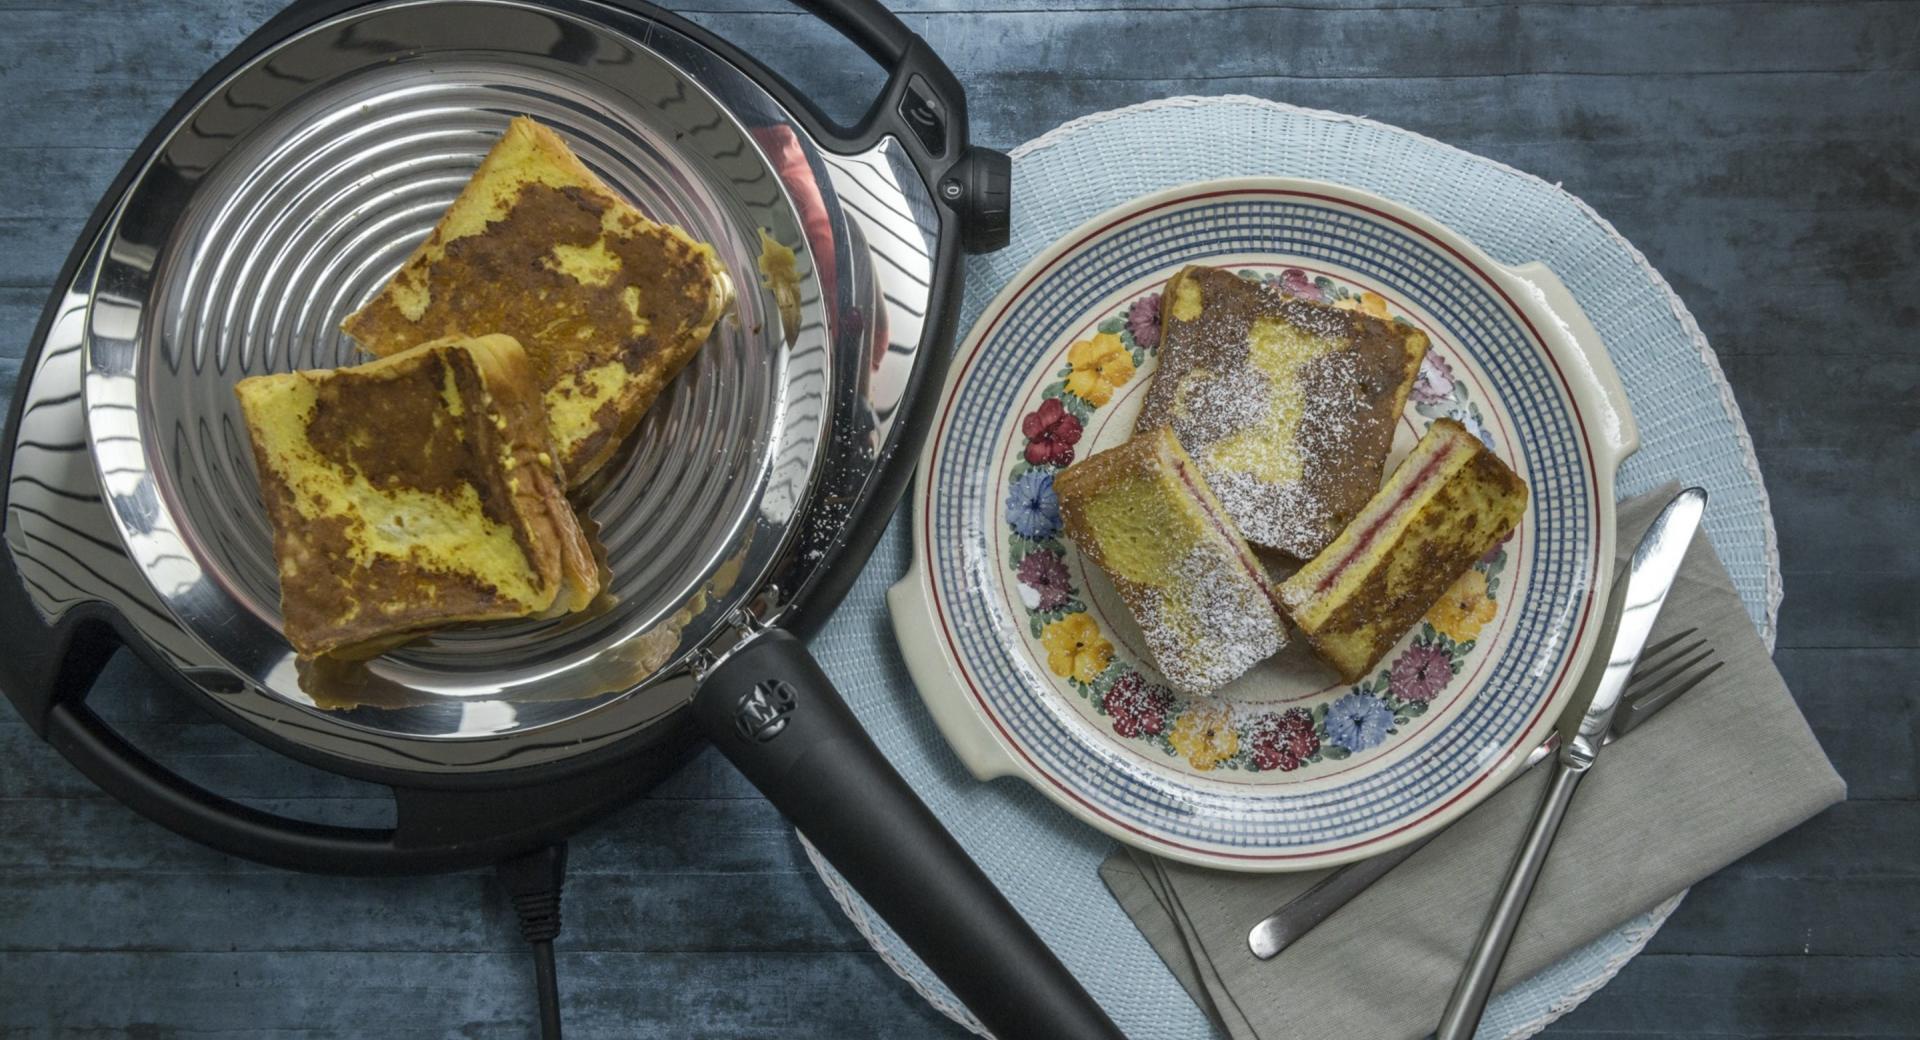 French Toast gefüllt mit Pflaumenmus